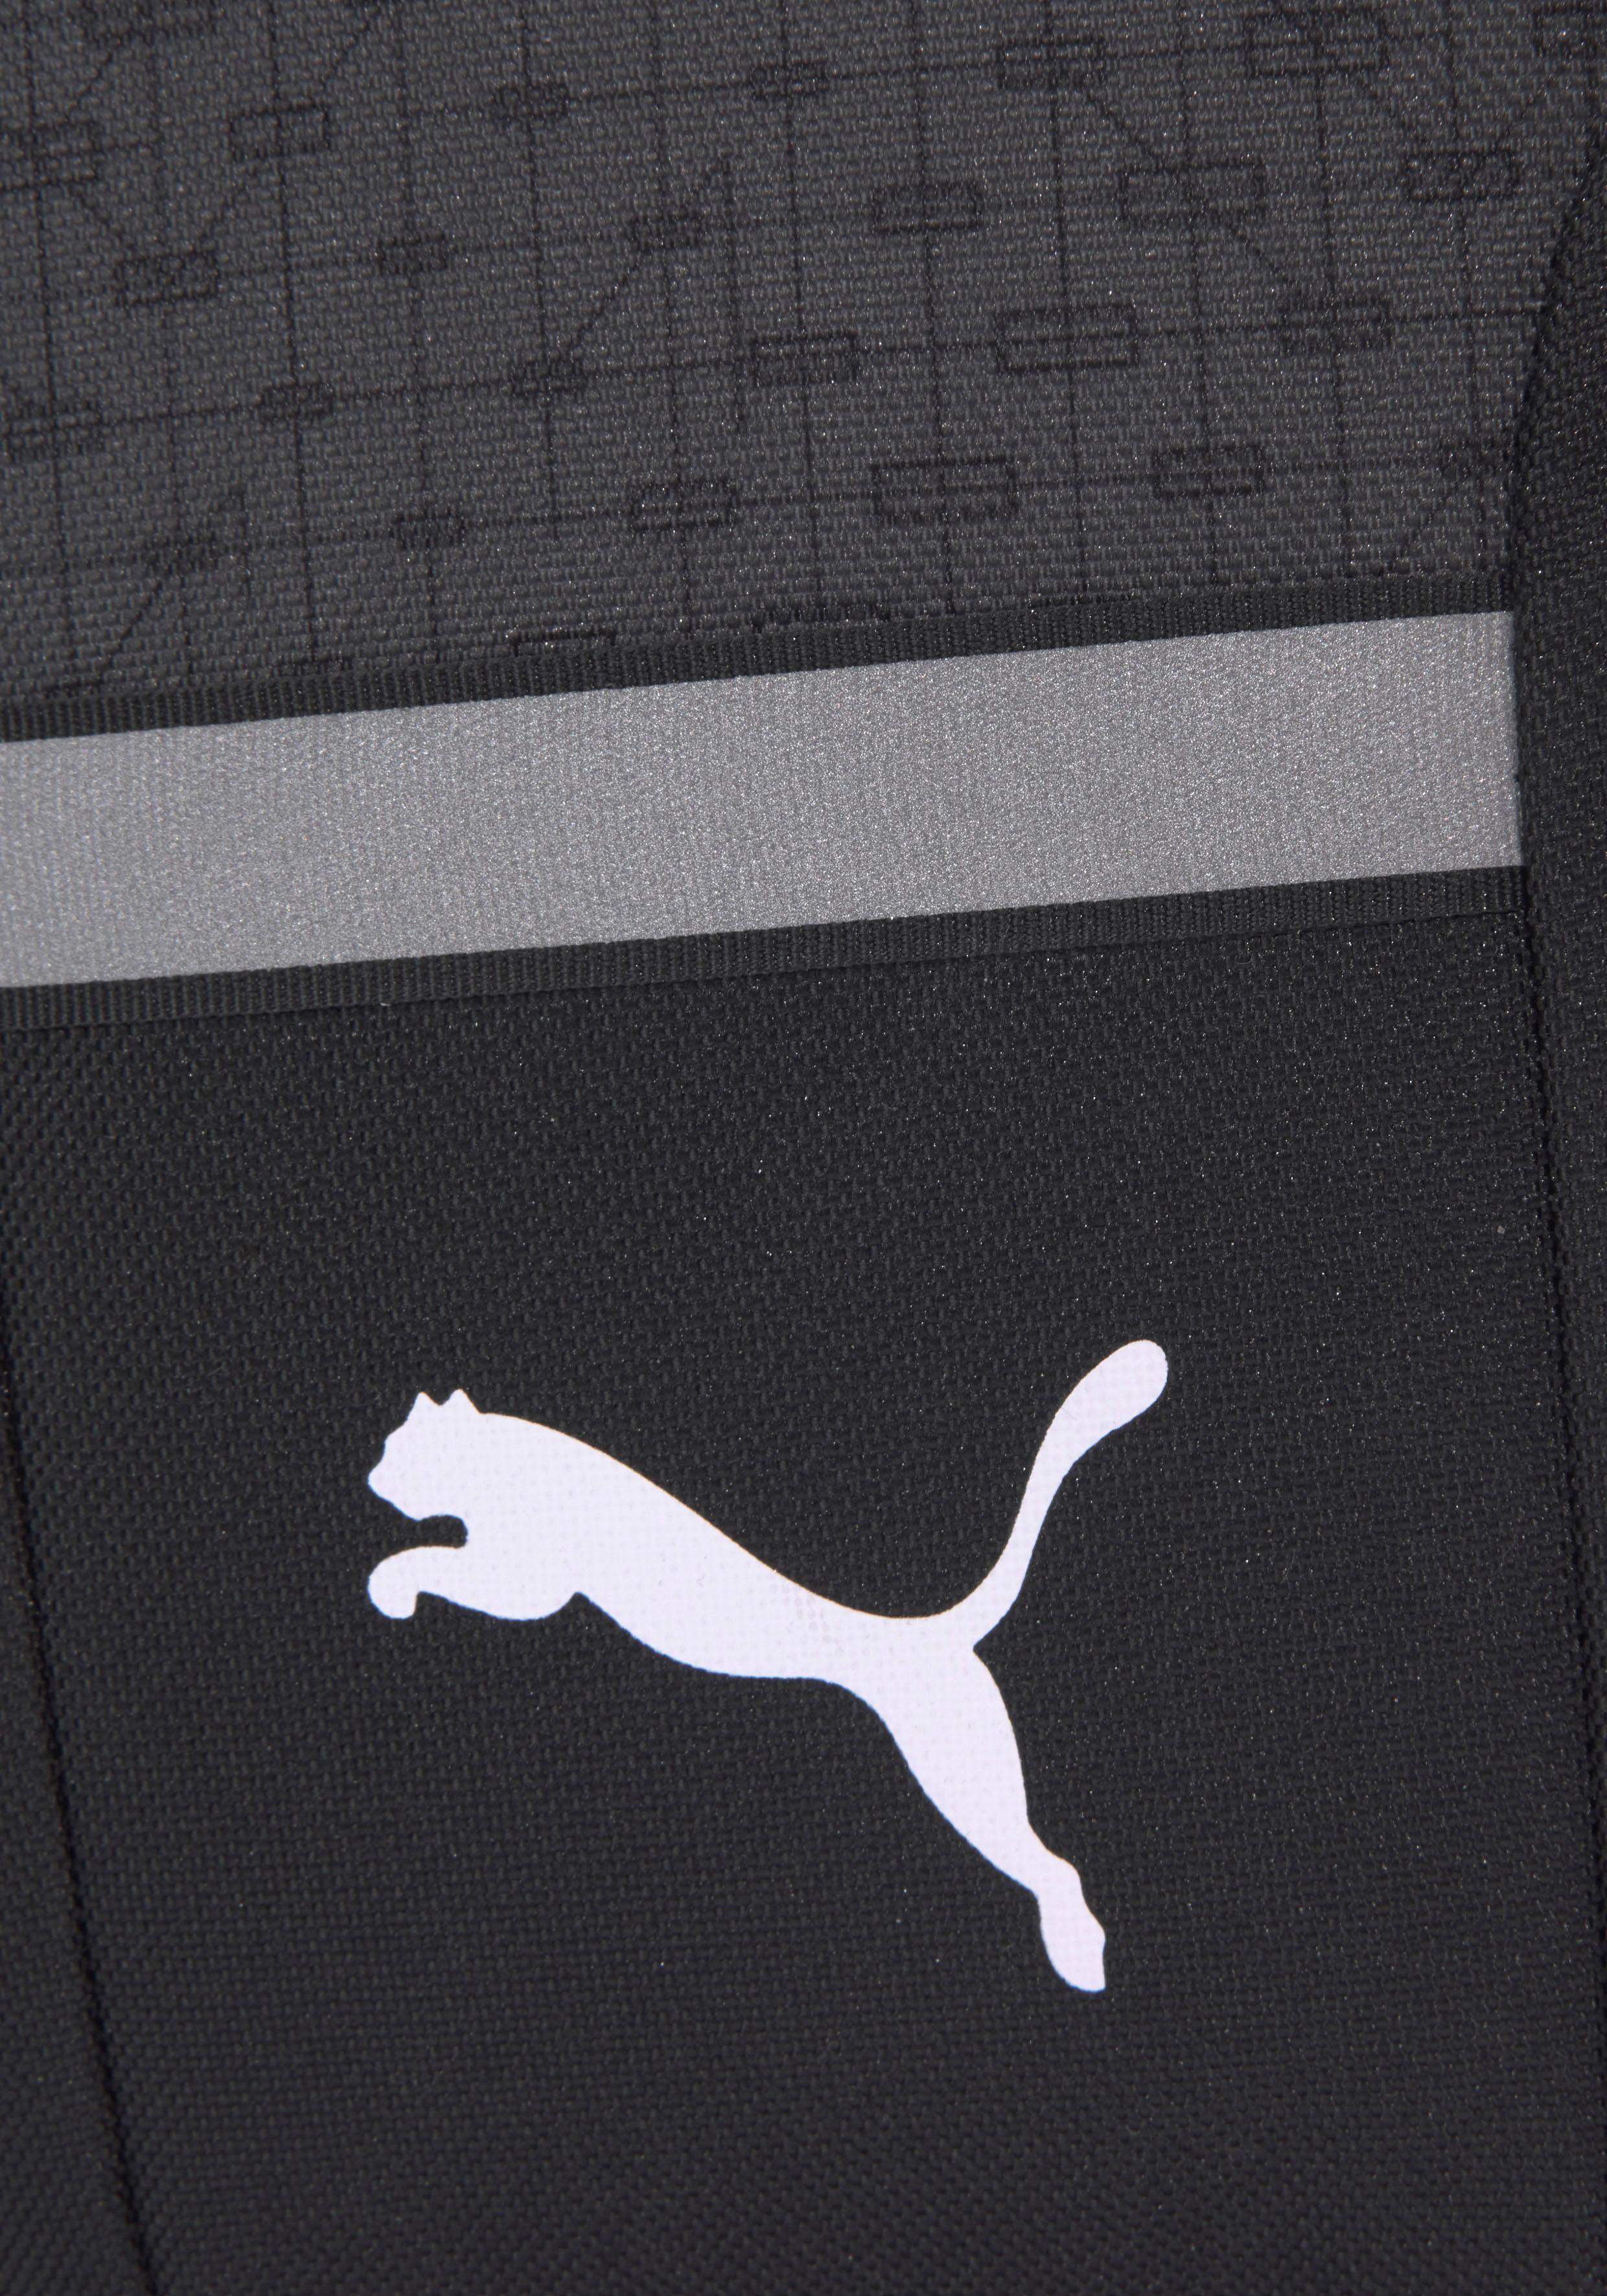 »beta Puma Puma Backpack« Backpack« Sportrucksack Backpack« Puma »beta Sportrucksack »beta Sportrucksack 6IqZOxf